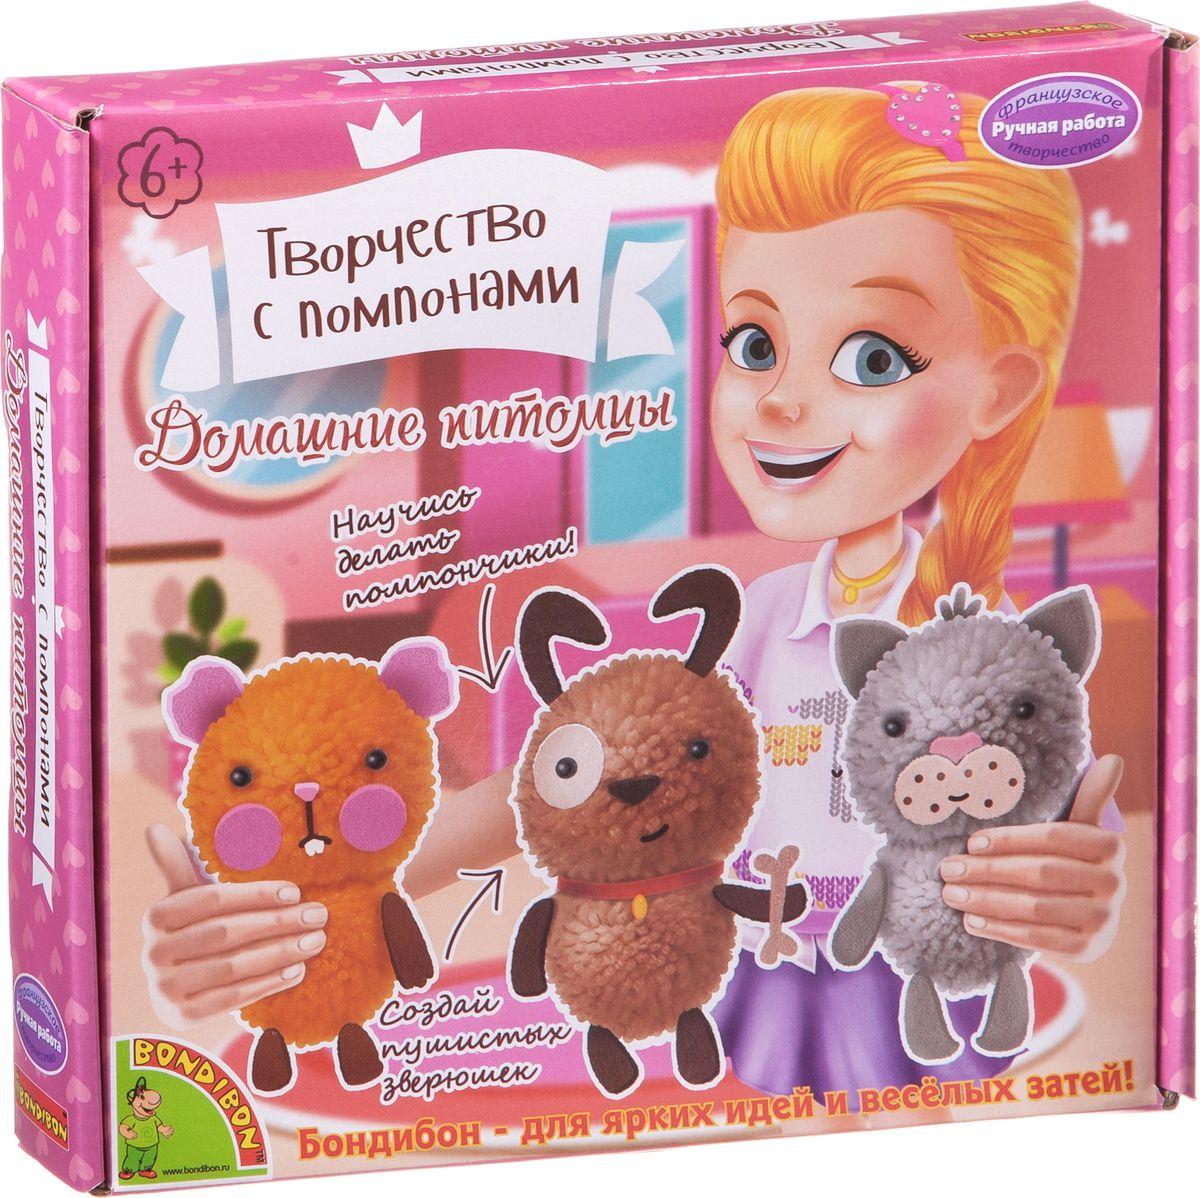 Bondibon Набор для изготовления игрушек из помпонов Домашние питомцы bondibon копилка в технике декопатч сердечко